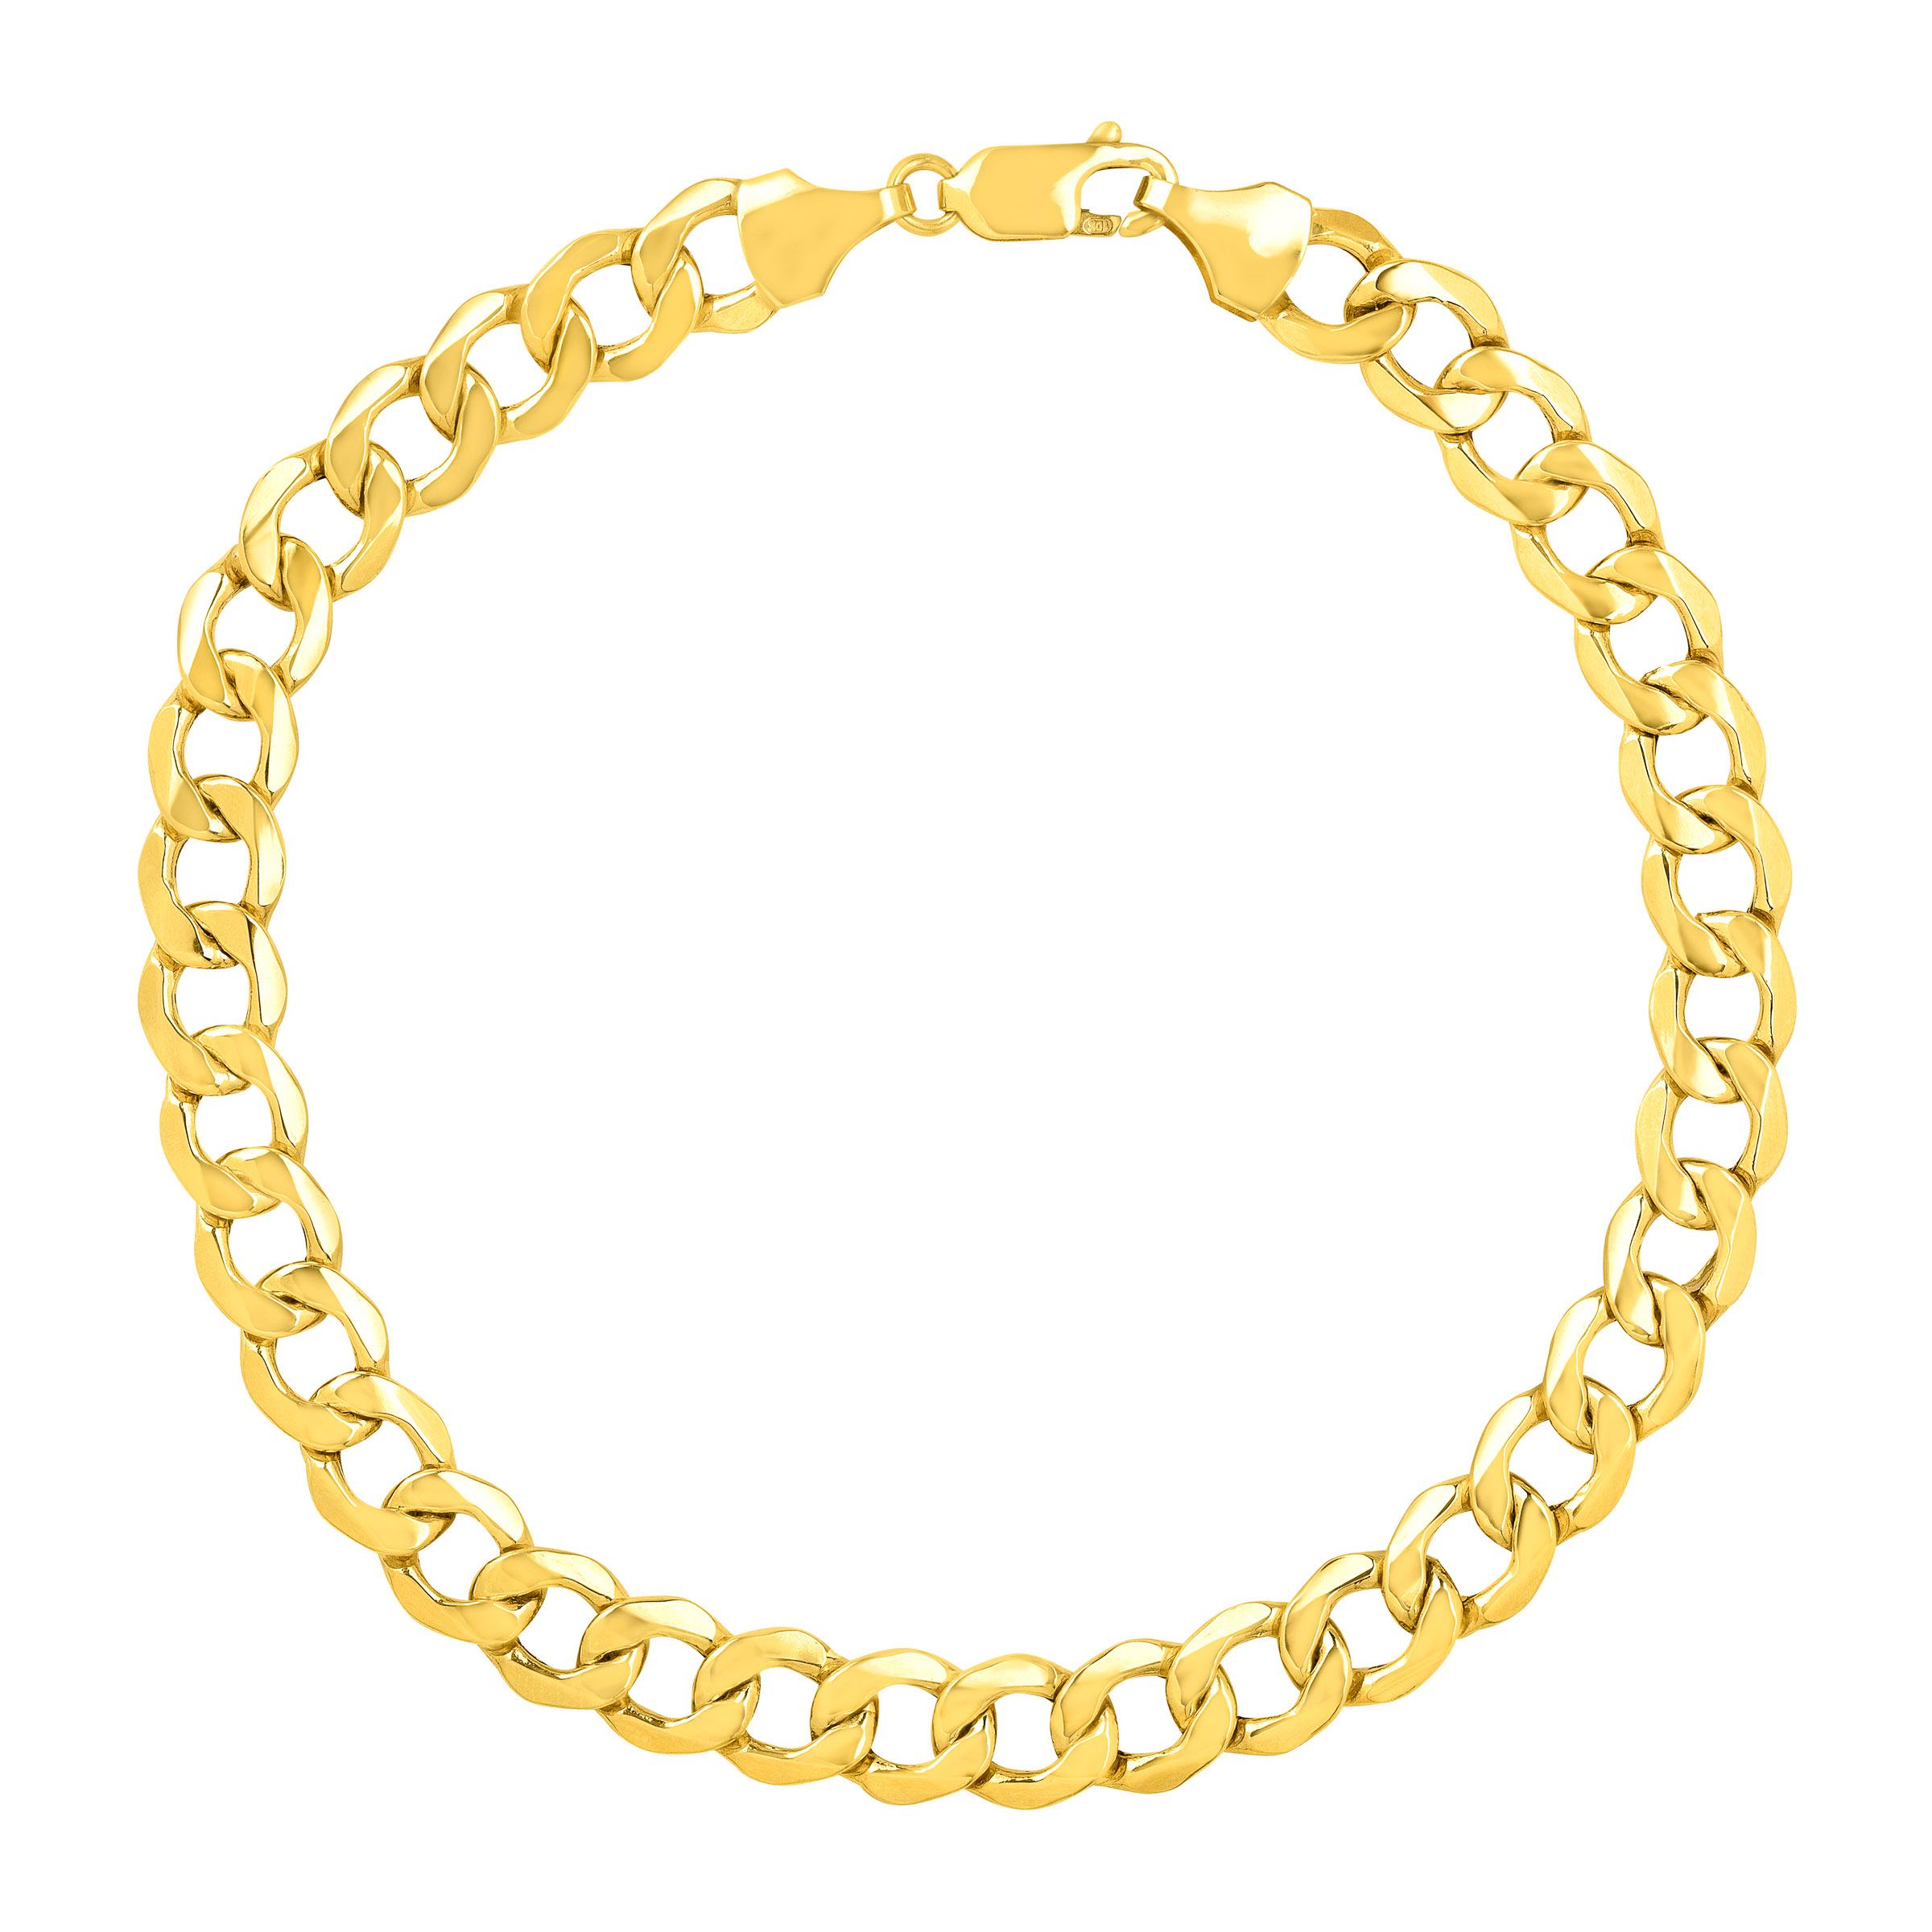 Simply Gold Men's Bevelled Link Bracelet in 10kt Gold by Richline Group